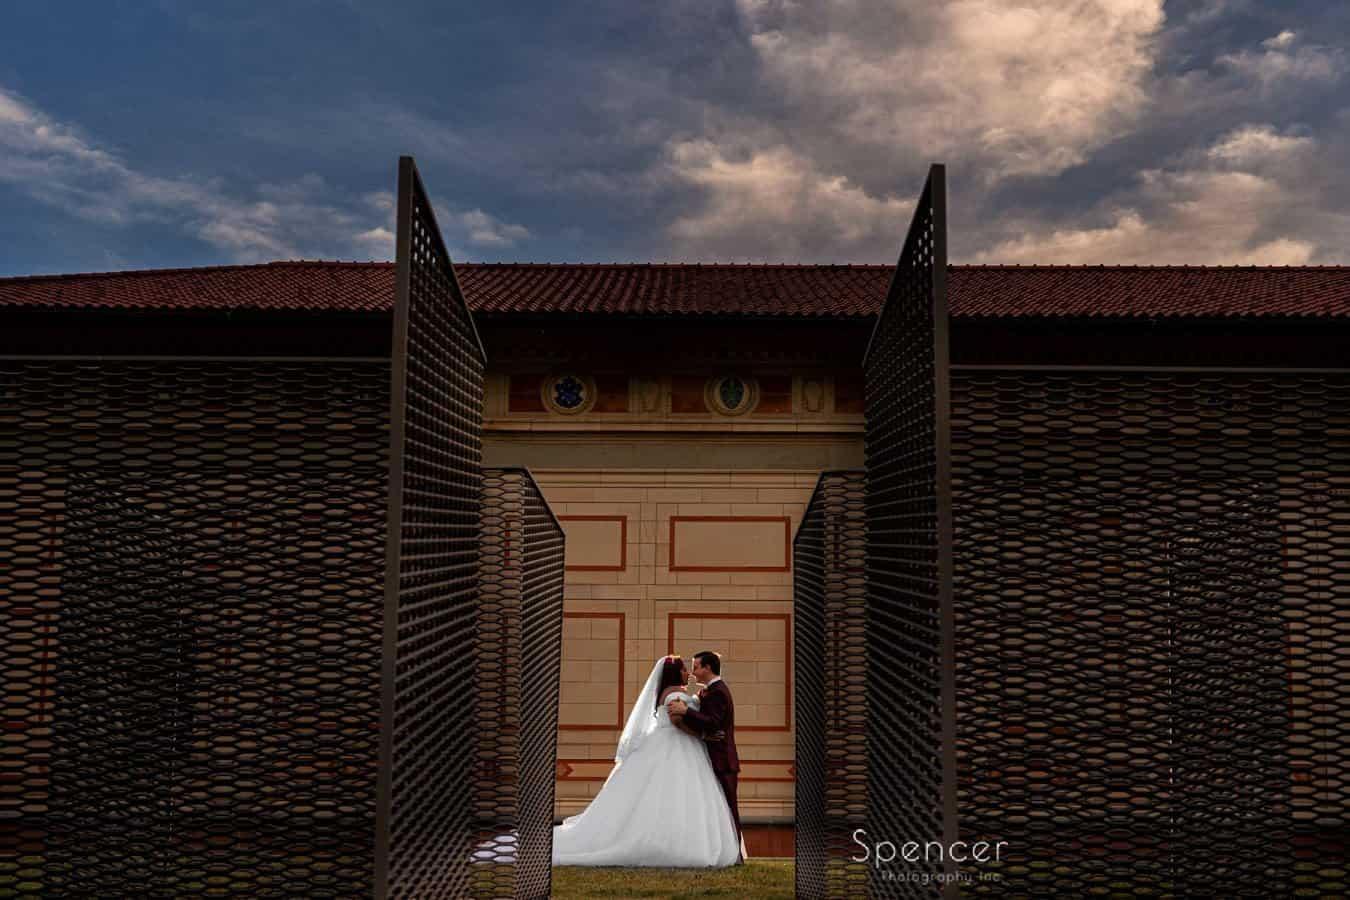 creative wedding picture at Allen Memorial Art Museum